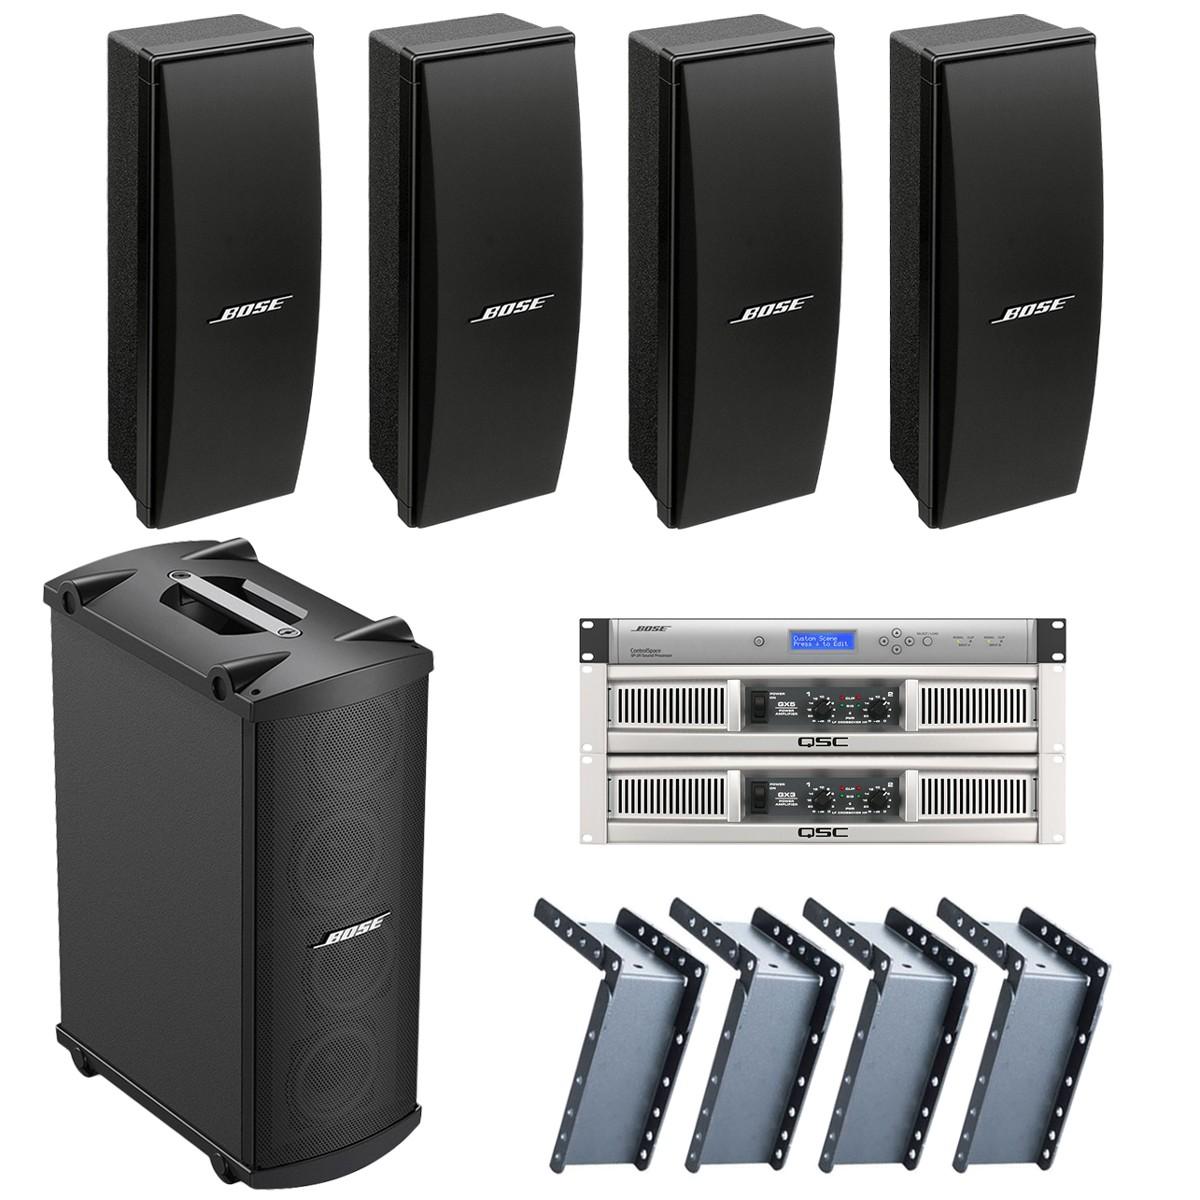 bose gym sound system panaray 402 series iv loudspeakers. Black Bedroom Furniture Sets. Home Design Ideas